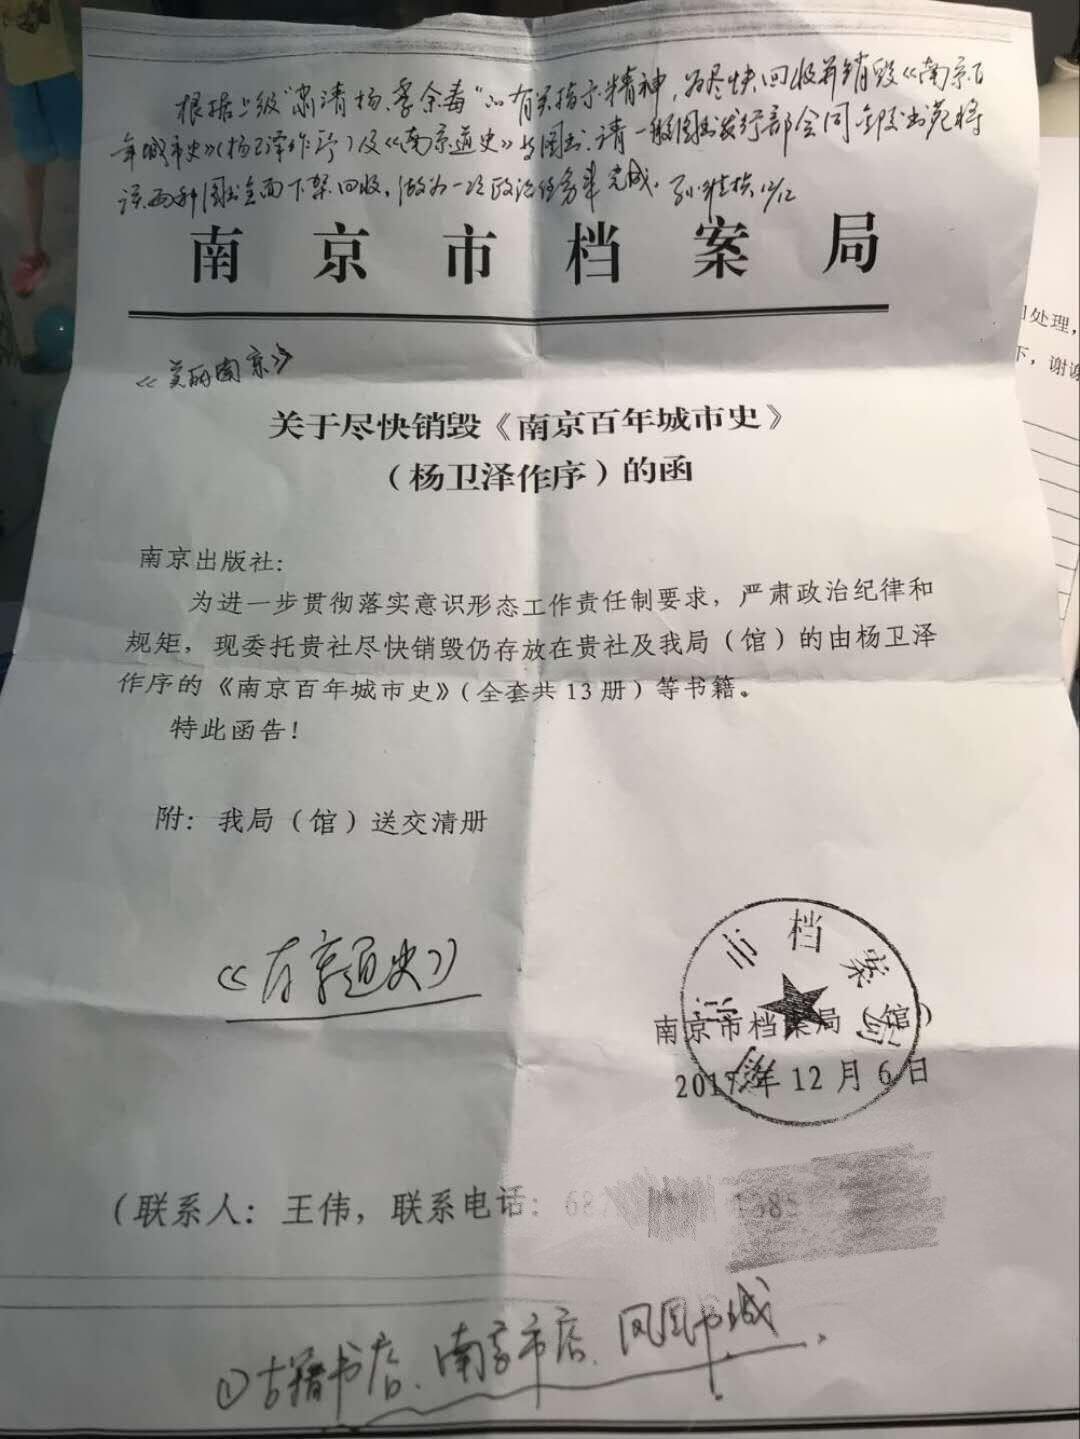 圖為網絡流傳旨在肅清江蘇省委原常委楊衛澤影響銷毀《南京百年城市史》的公函,該函未經核實。2017年12月。